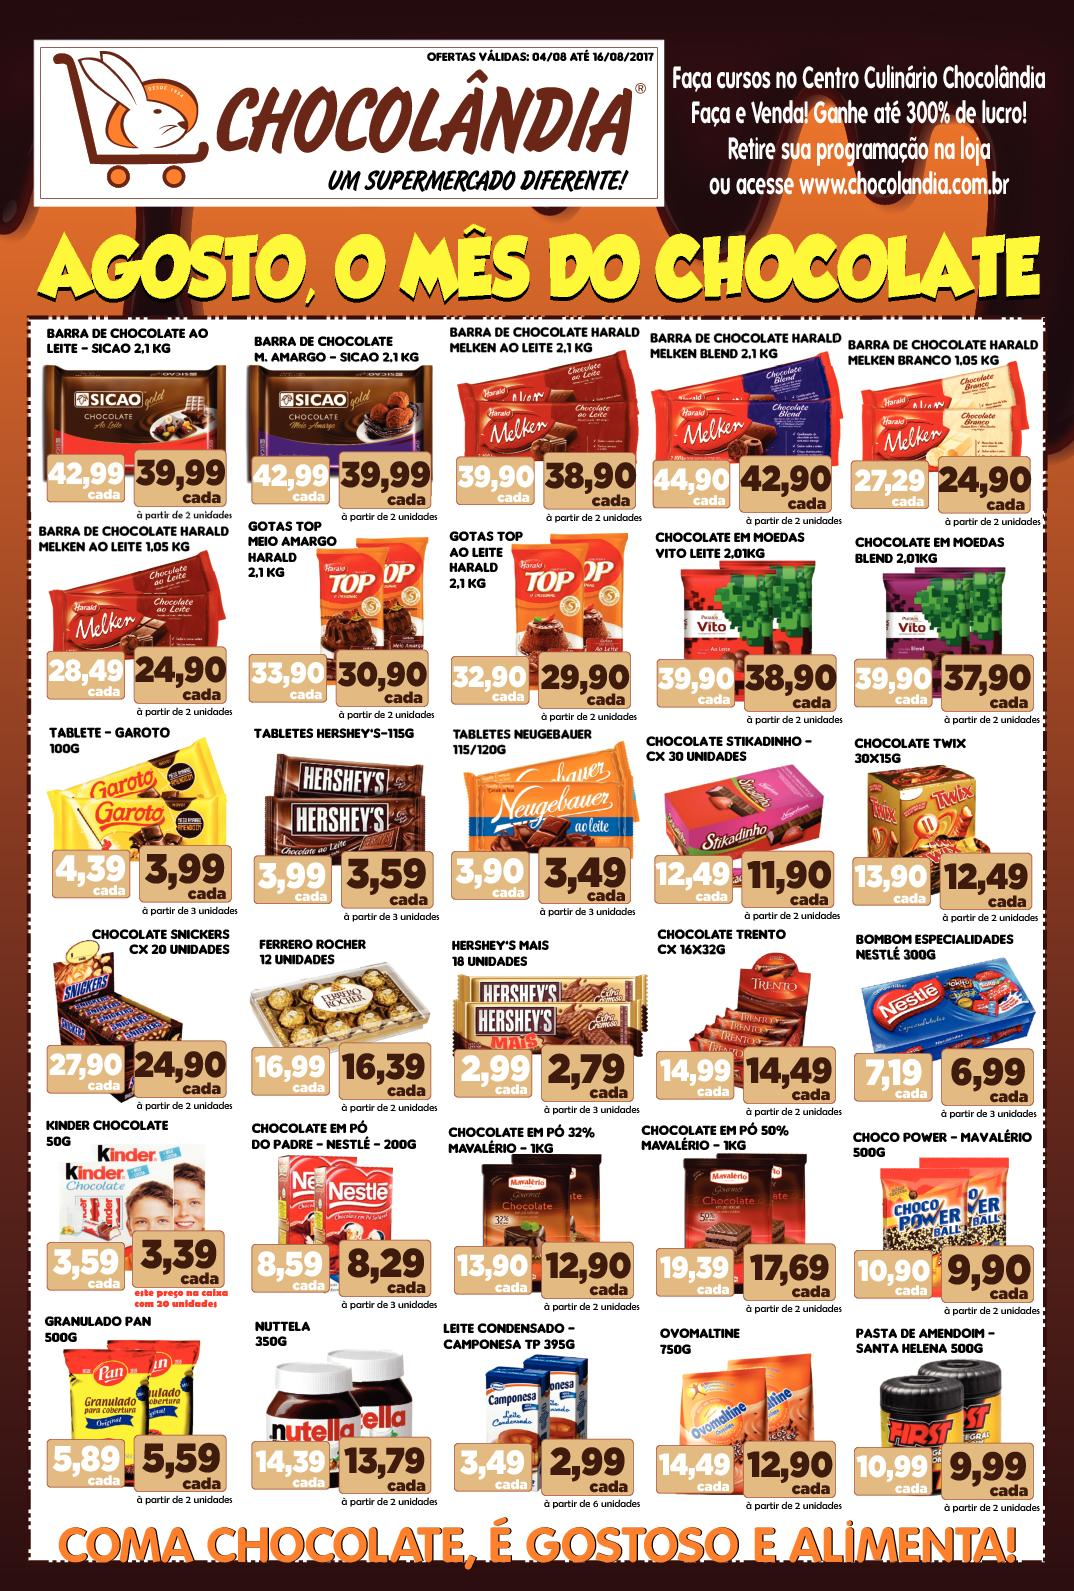 AGOSTO - O MÊS DO CHOCOLATE